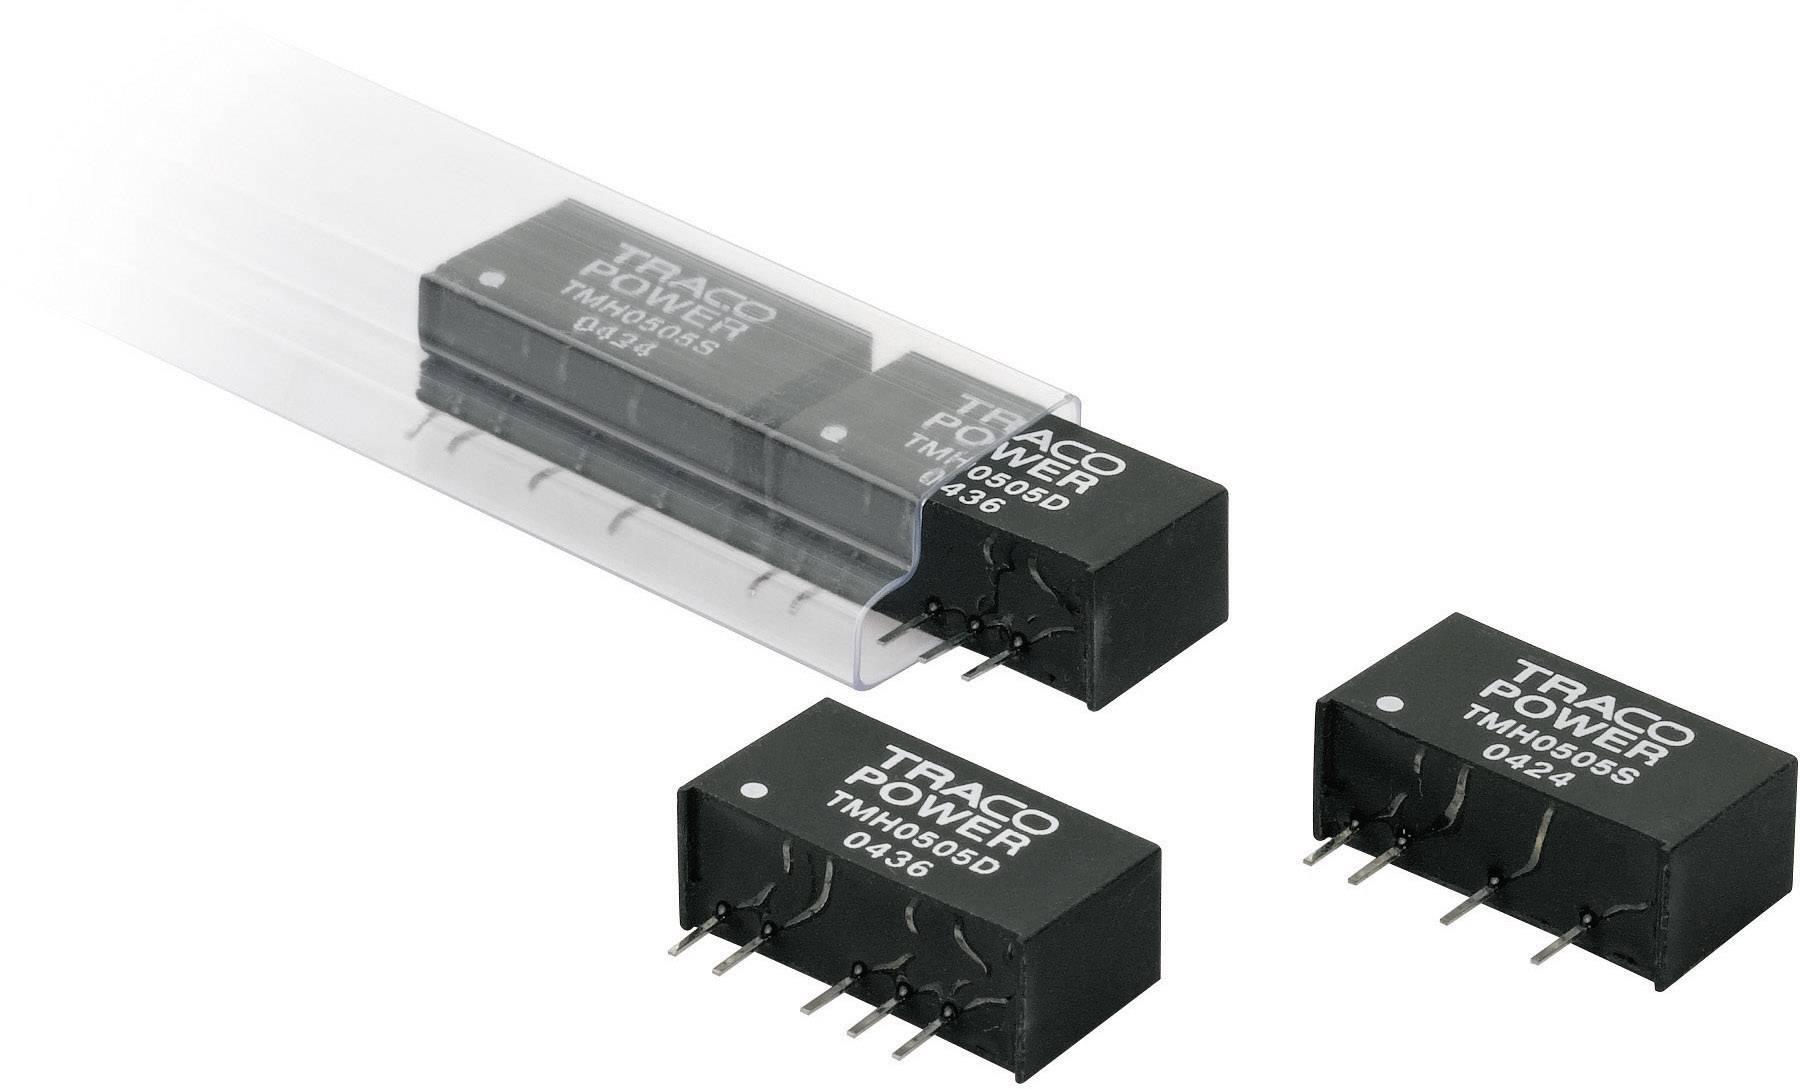 DC/DC měnič TracoPower TMH 0505S, vstup 5 V/DC, výstup 5 V/DC, 400 mA, 2 W